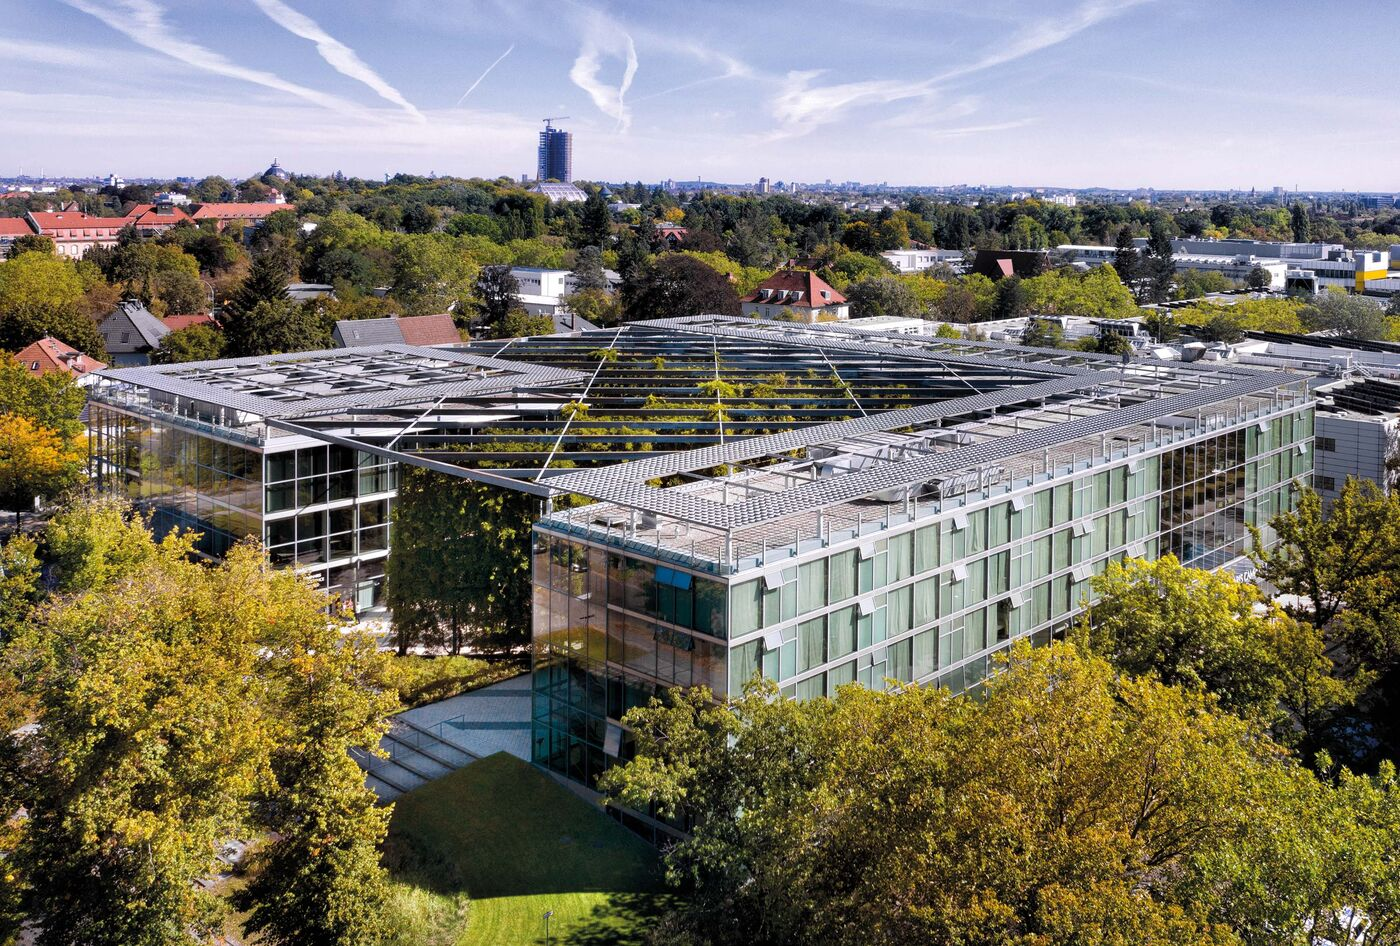 Applikationsadministrator(m/w/d) Schwerpunkt Anwendungsbetreuung - Job Berlin - Jobs bei Seminaris Hotels